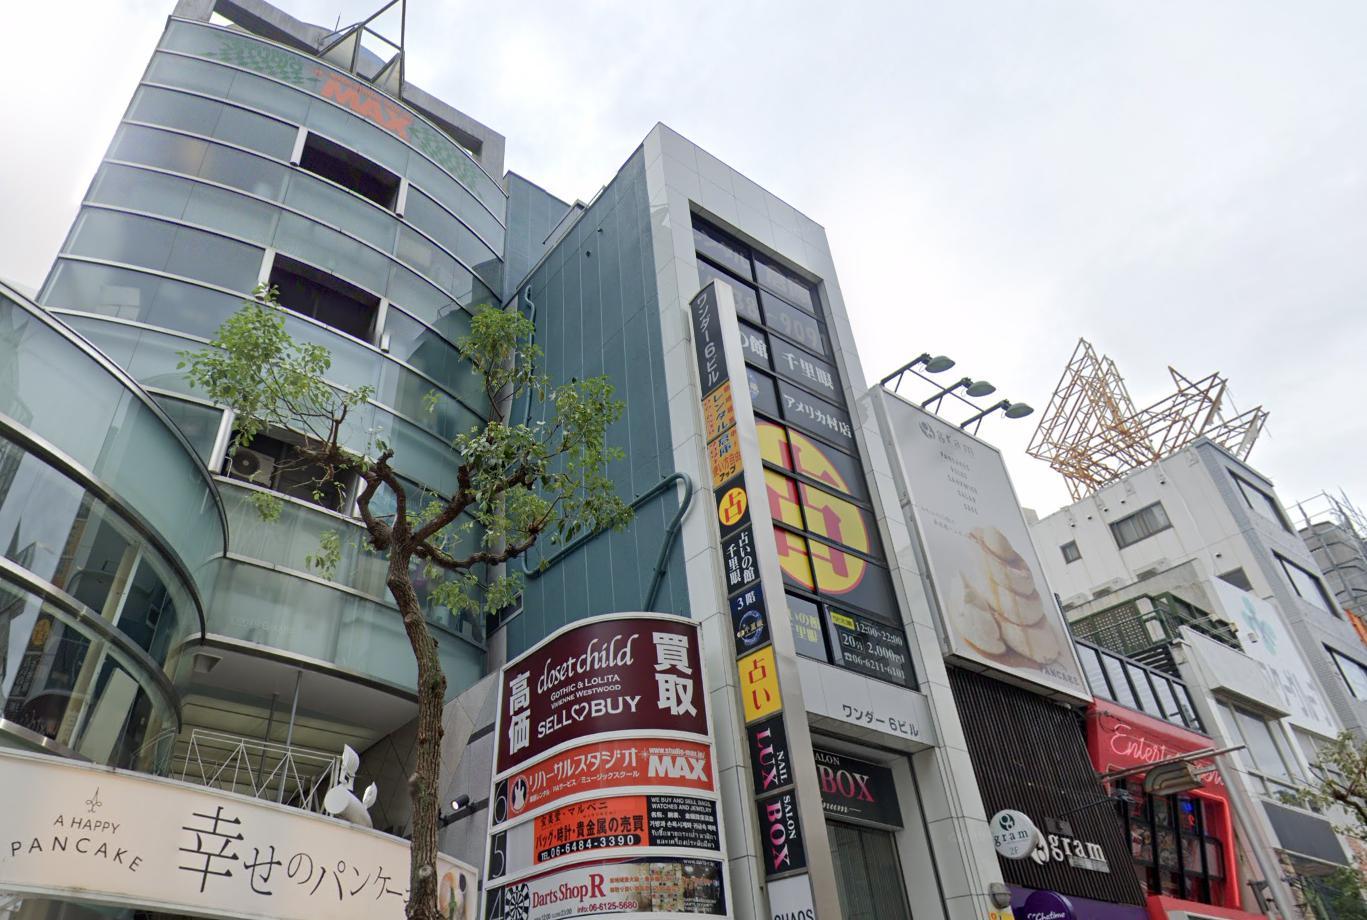 大阪「占いの館 千里眼 アメリカ村店」